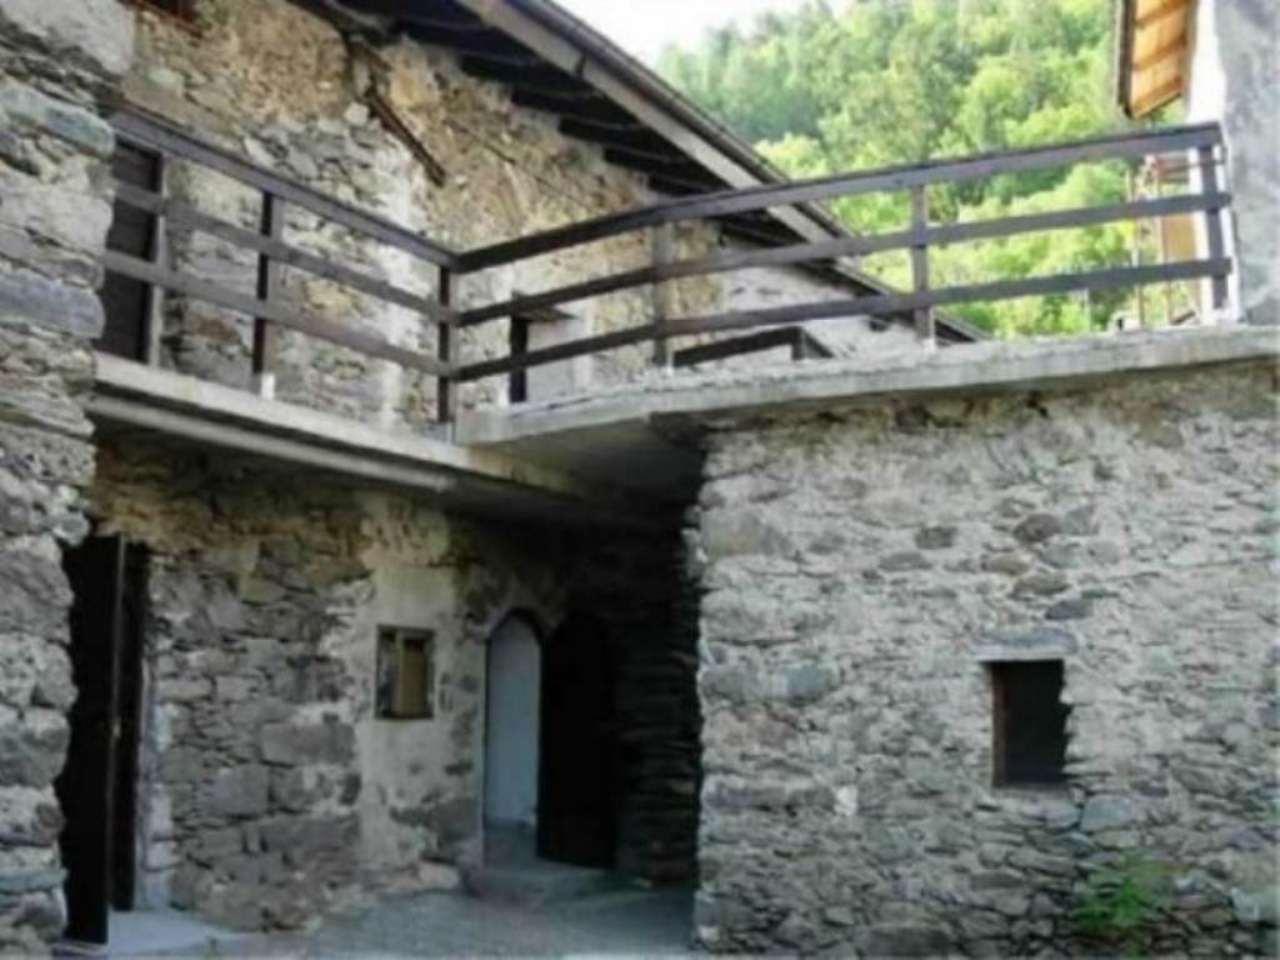 Palazzo / Stabile in vendita a Piateda, 5 locali, prezzo € 120.000 | Cambio Casa.it